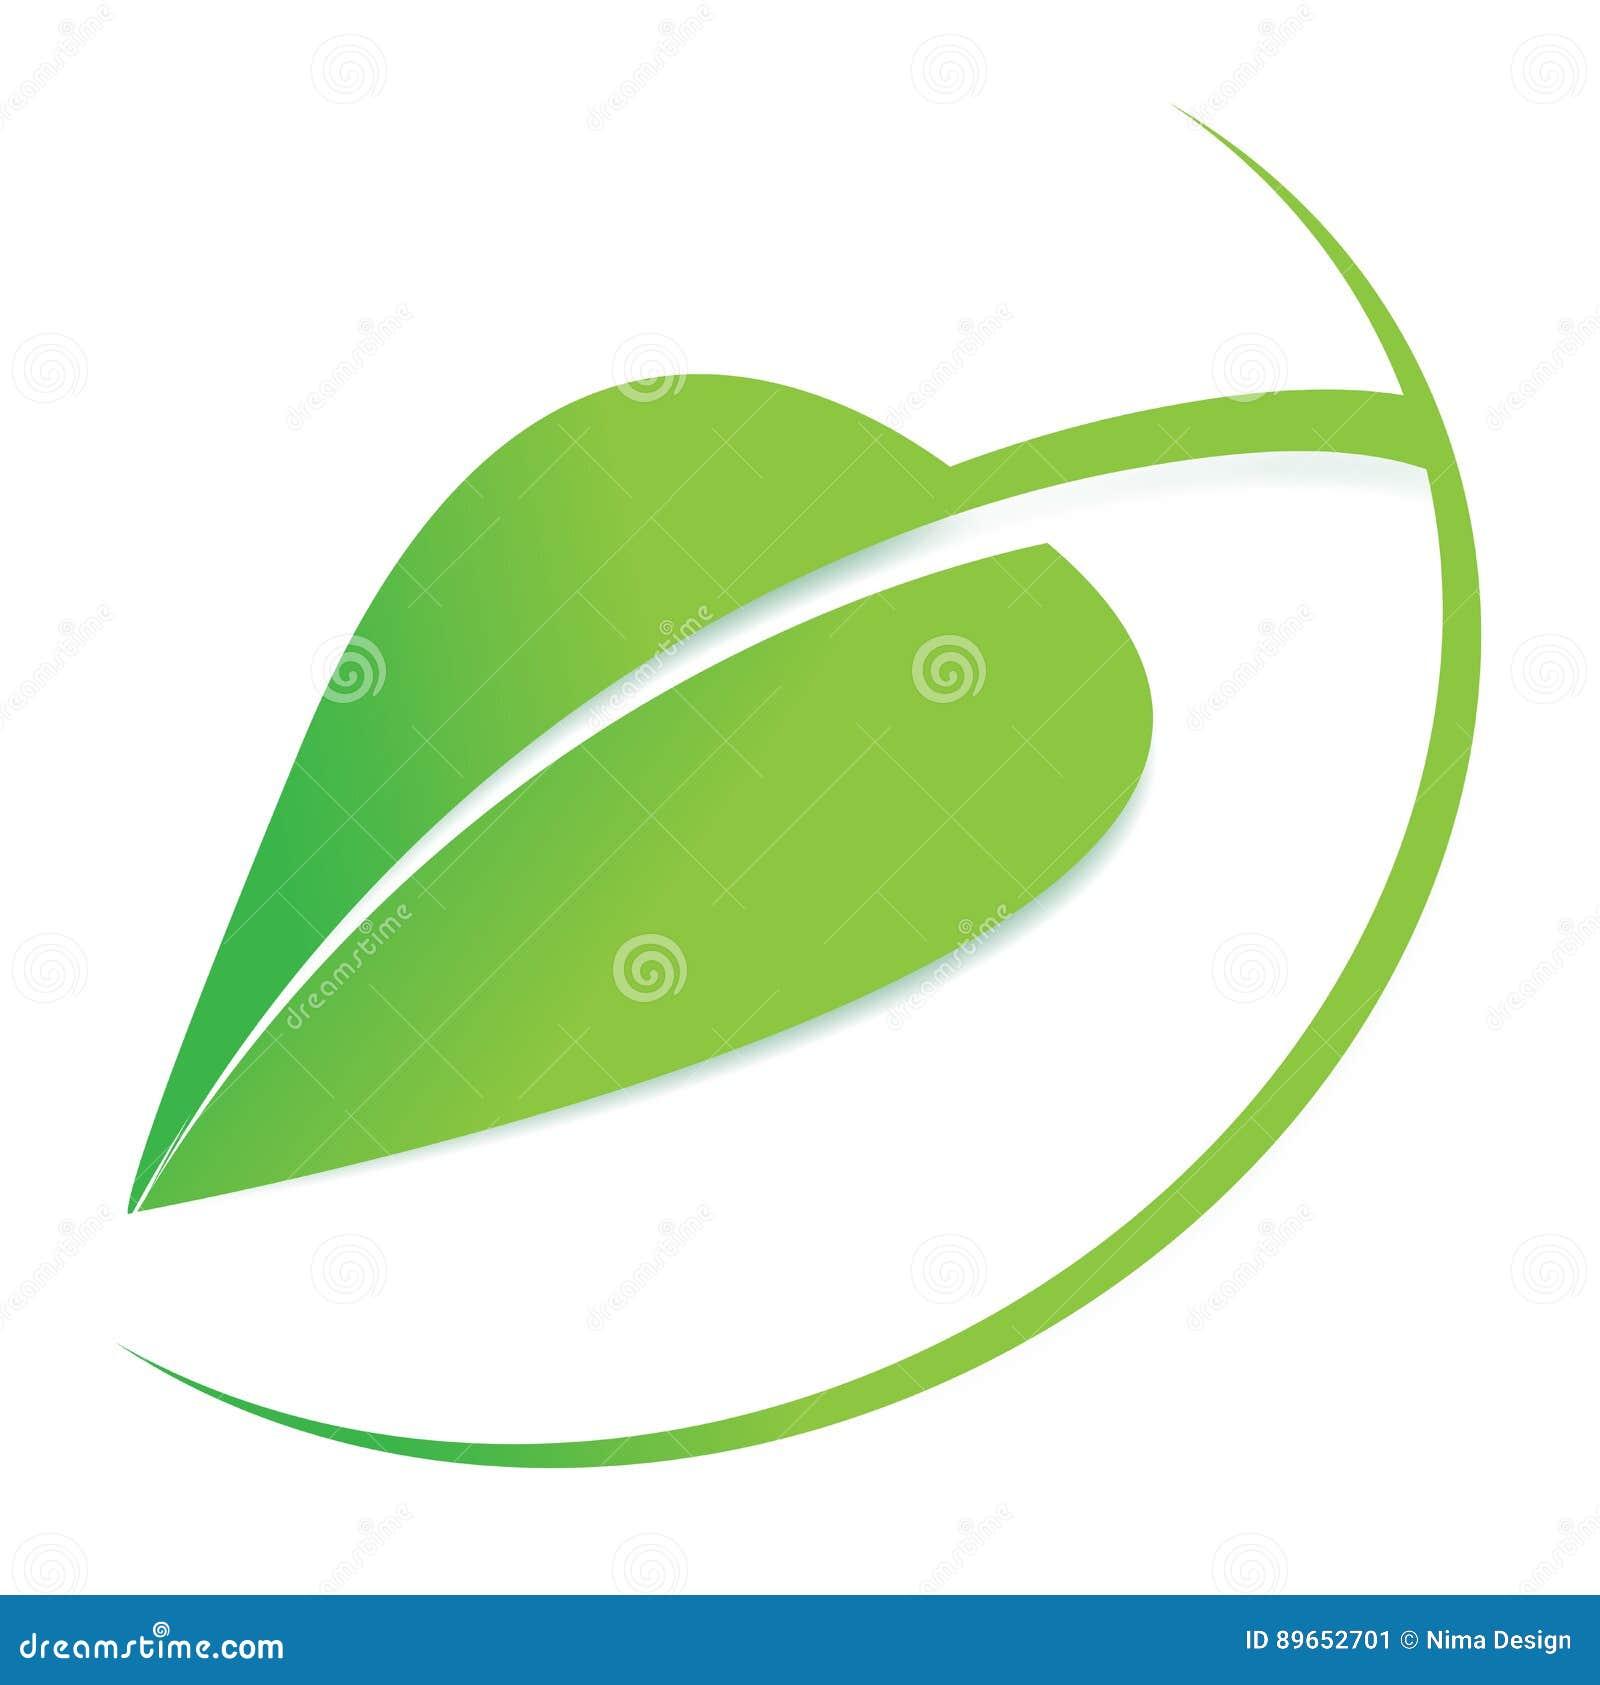 Διανυσματικό πράσινο λογότυπο φύλλων, επιχειρησιακό λογότυπο, οργανικό σύμβολο, φυσικό εικονίδιο, editable γραφικό σχέδιο